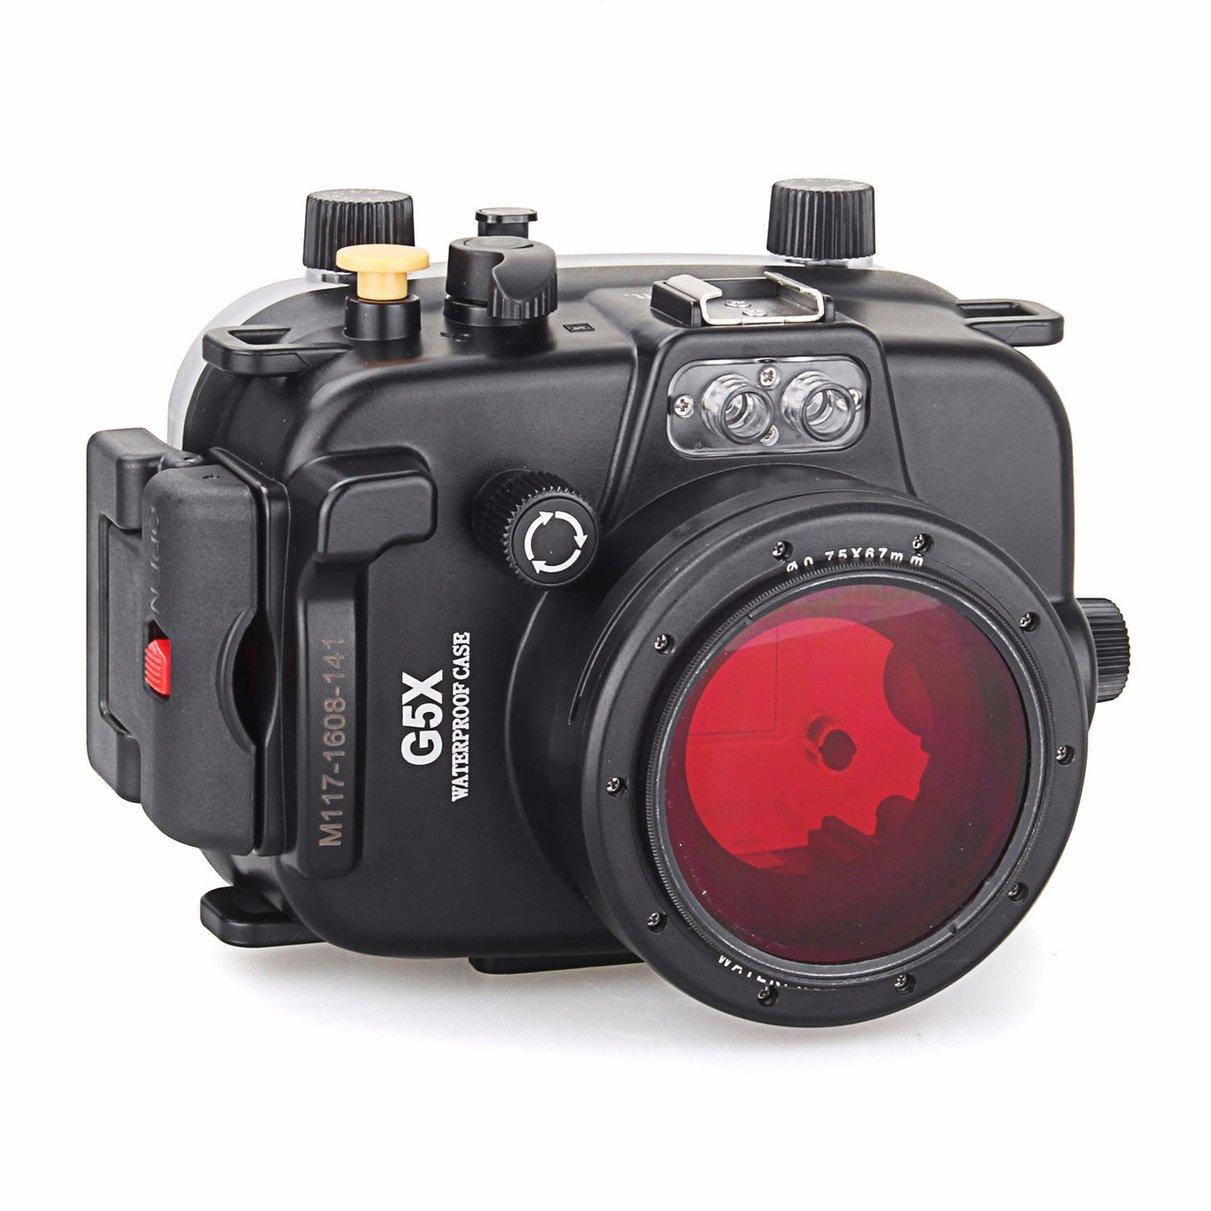 Meikon 40 m Caso Caixa Da Câmera Subaquática À Prova D Água para Canon G5X + 67mm Filtro Vermelho